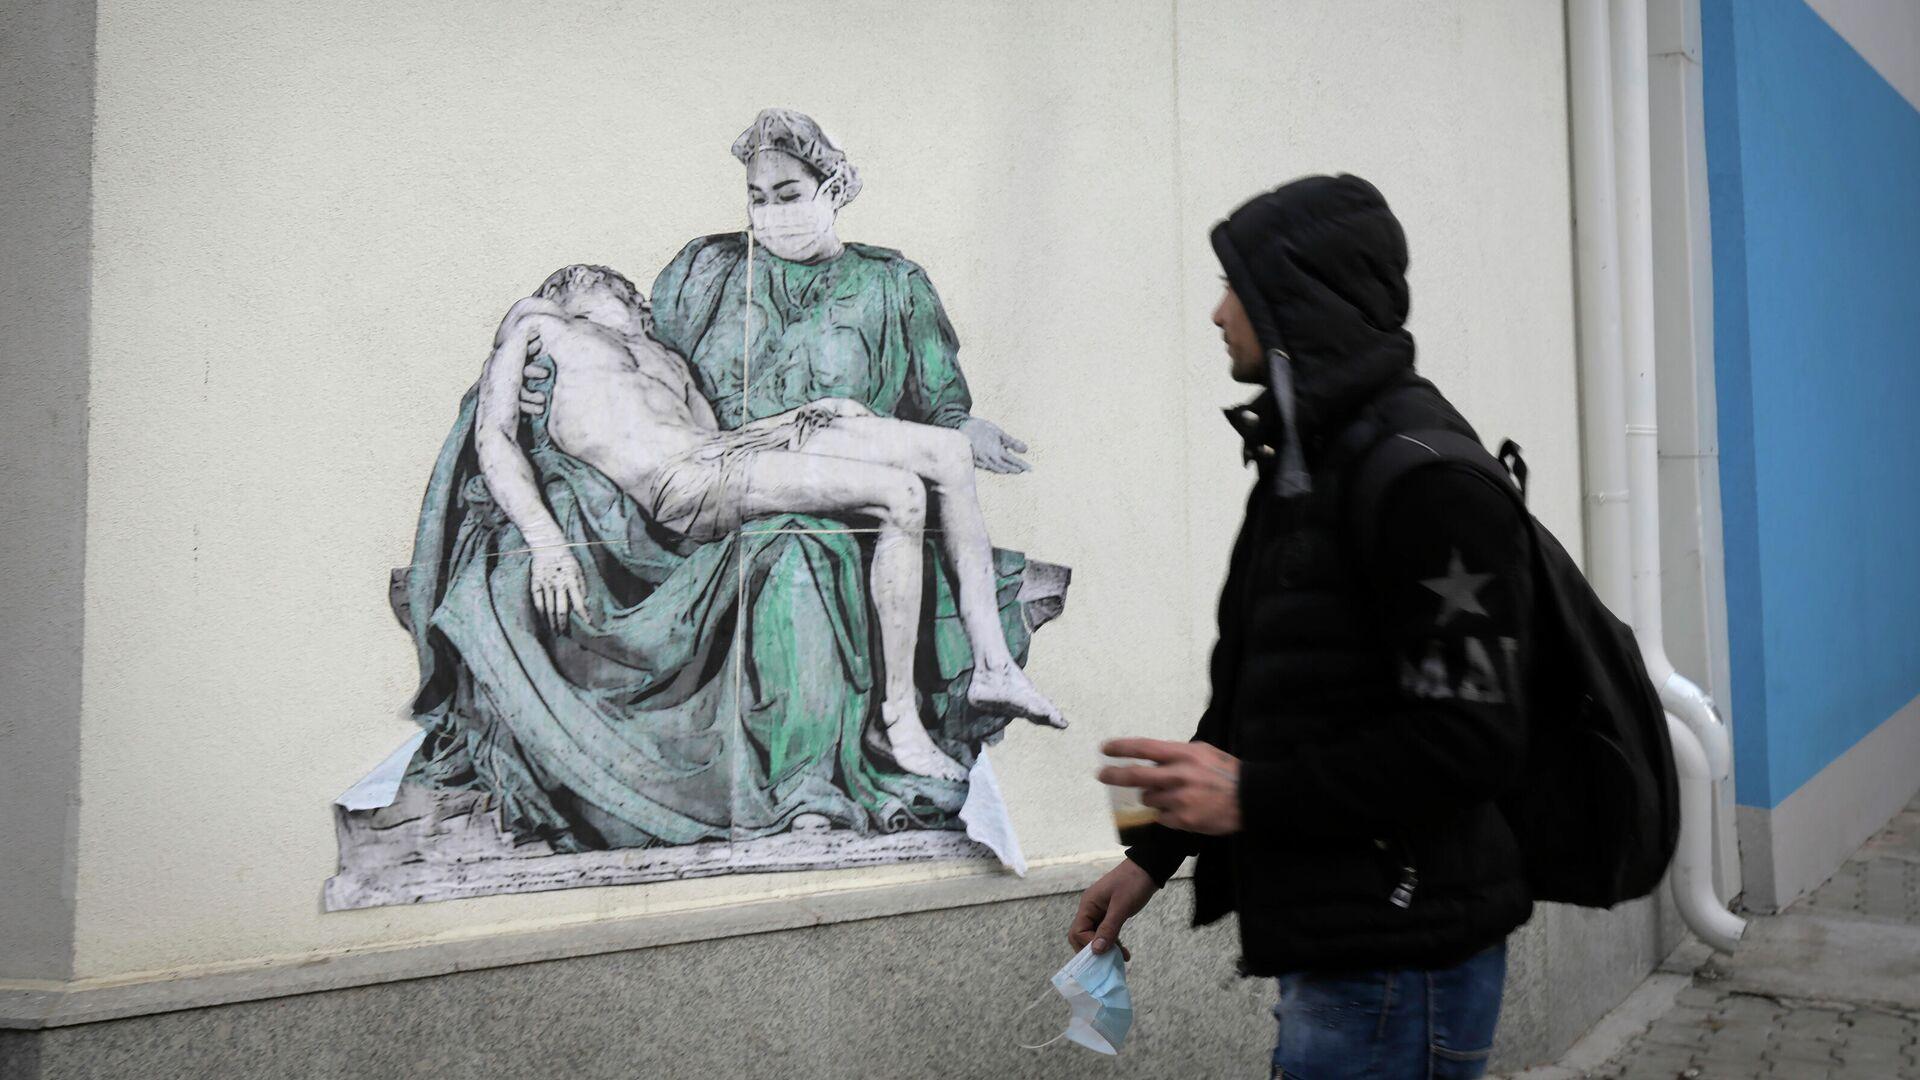 Мужчина проходит мимо копии Пьеты Микеланджело, нарисованной на стене больницы Пирогова в Софии, Болгария - РИА Новости, 1920, 29.07.2021